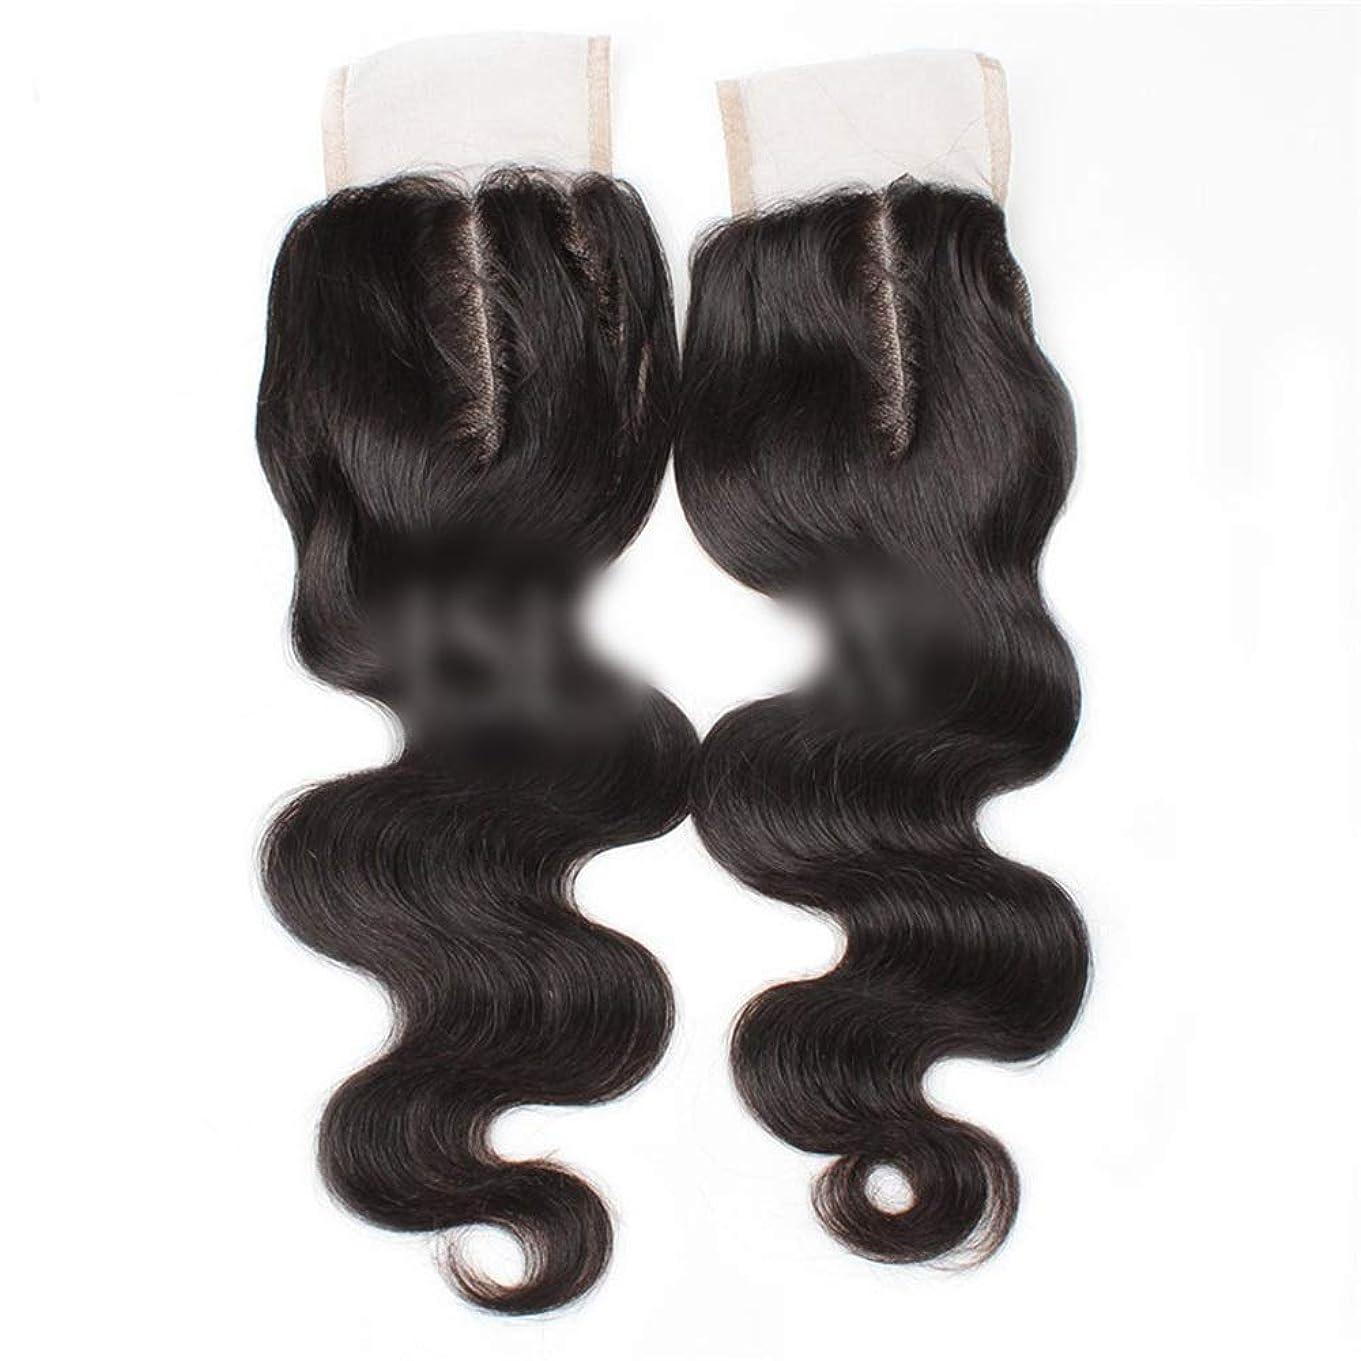 分離ピーブファックスBOBIDYEE 9aブラジル髪実体波中間部4×4レース閉鎖人間の髪の毛ナチュラルブラック8